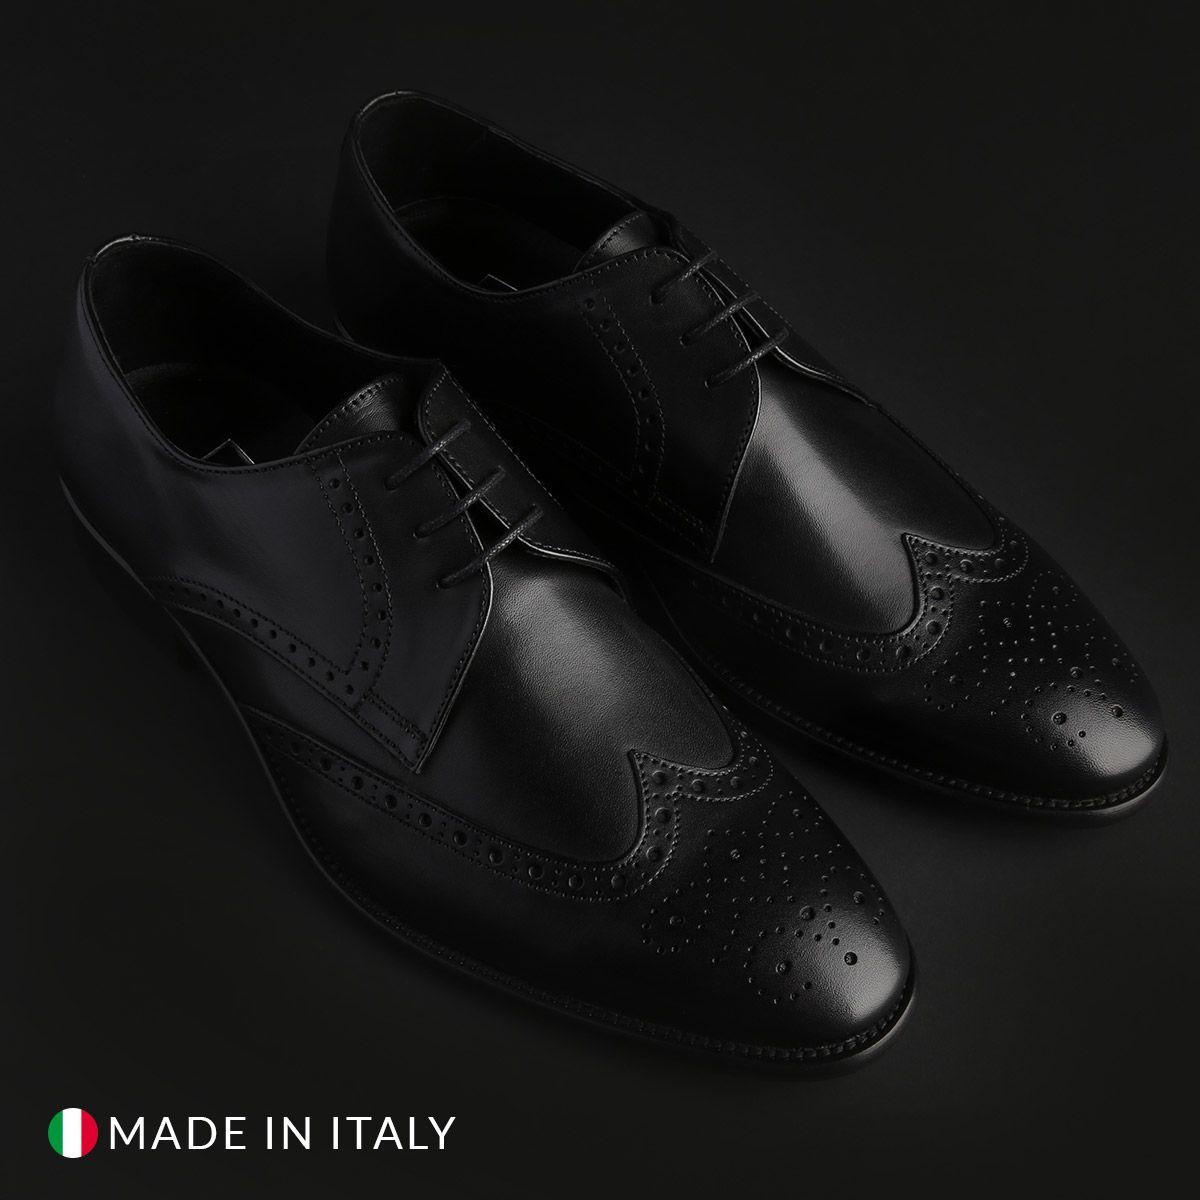 Schnürschuhe Made in Italia – VIENTO – Schwarz